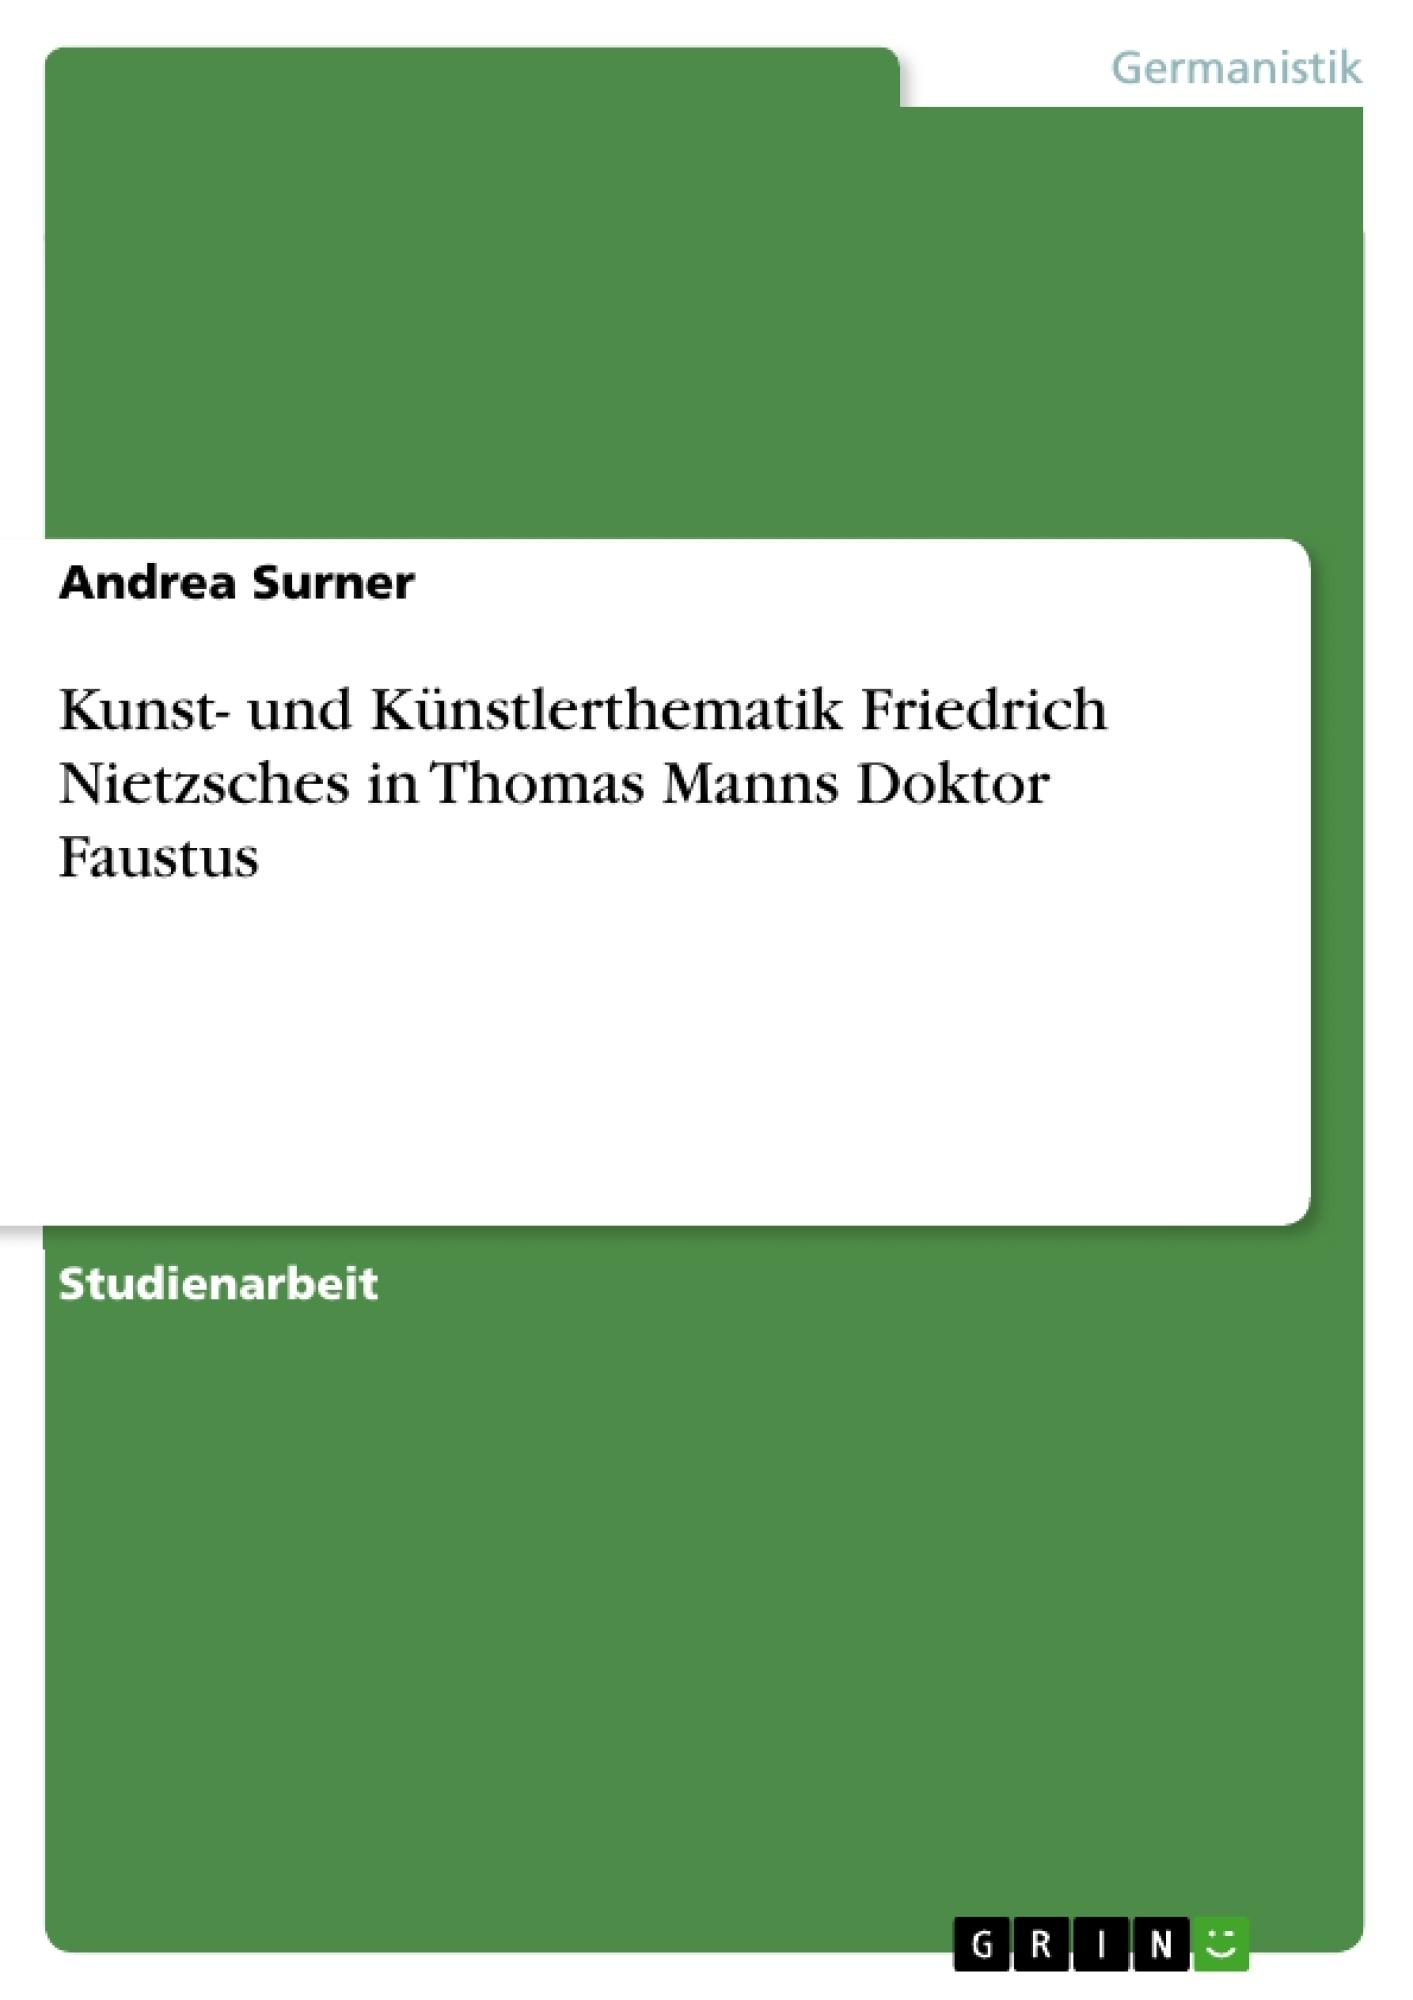 Titel: Kunst- und Künstlerthematik Friedrich Nietzsches in Thomas Manns Doktor Faustus